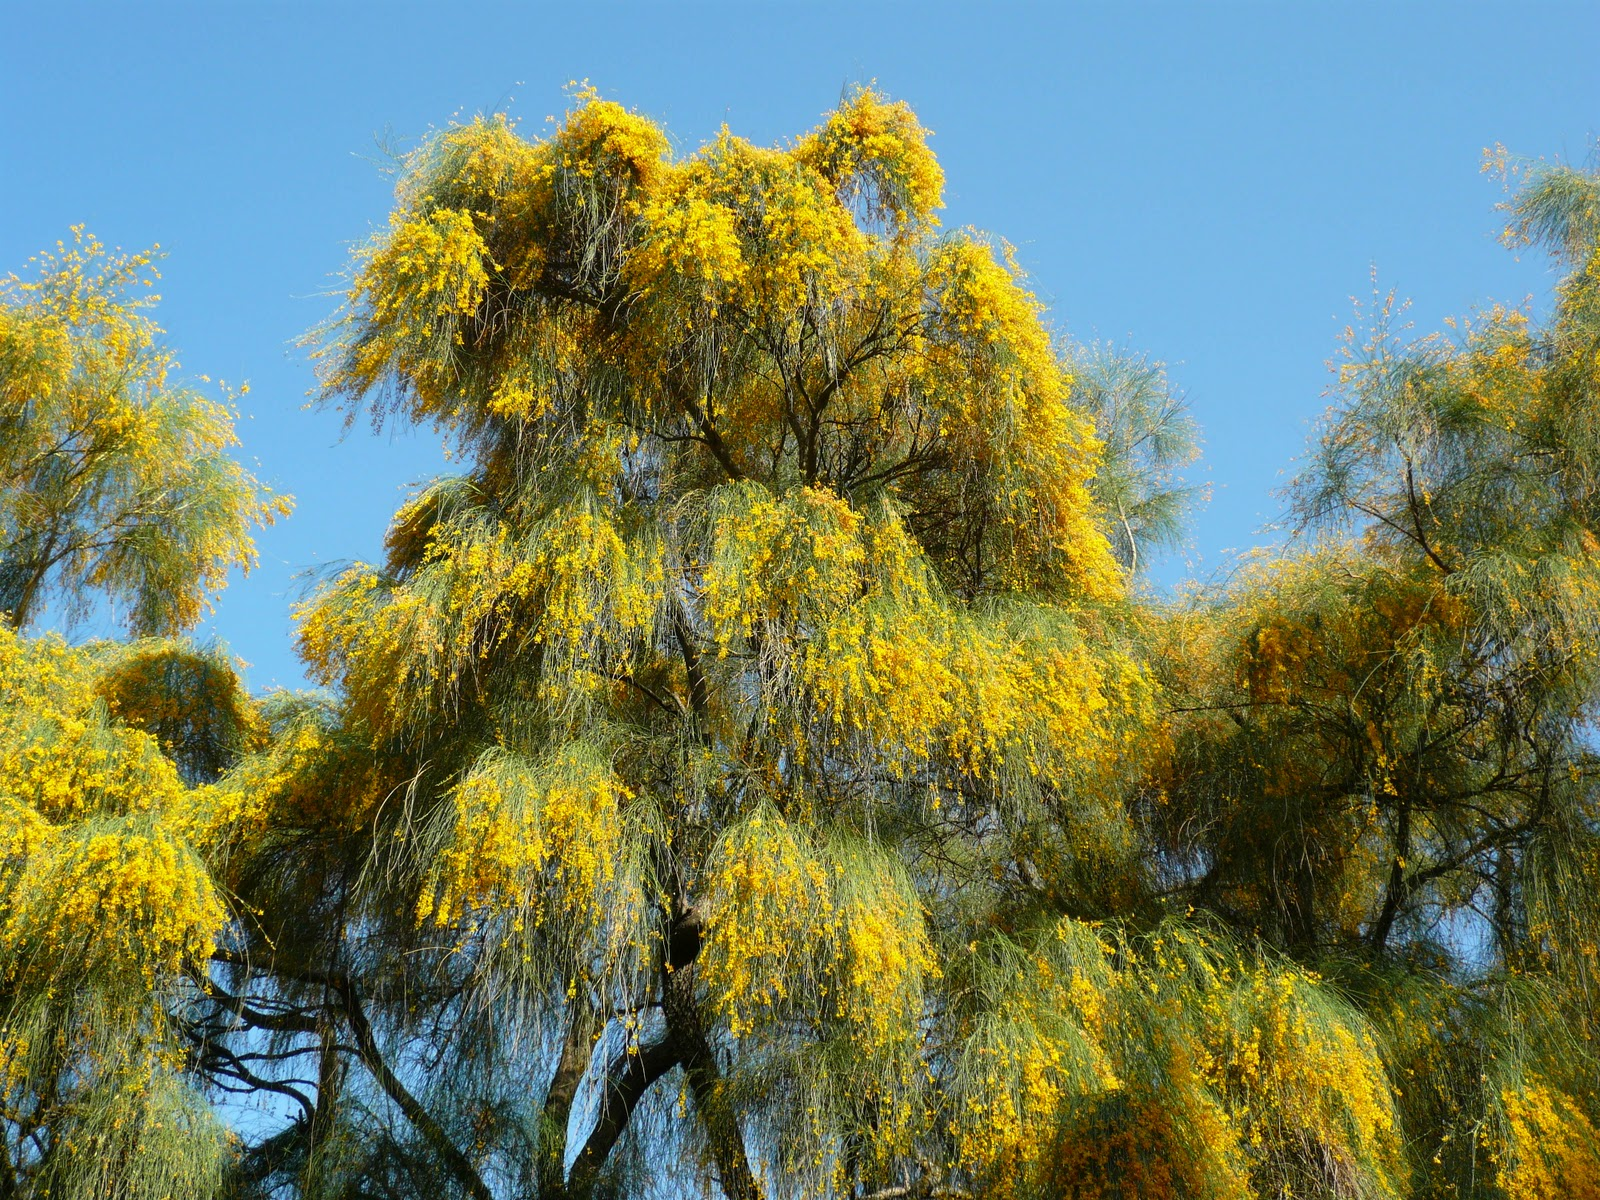 Giardini in gallura alberi fioriti per l 39 estate genista for Alberi fioriti da giardino